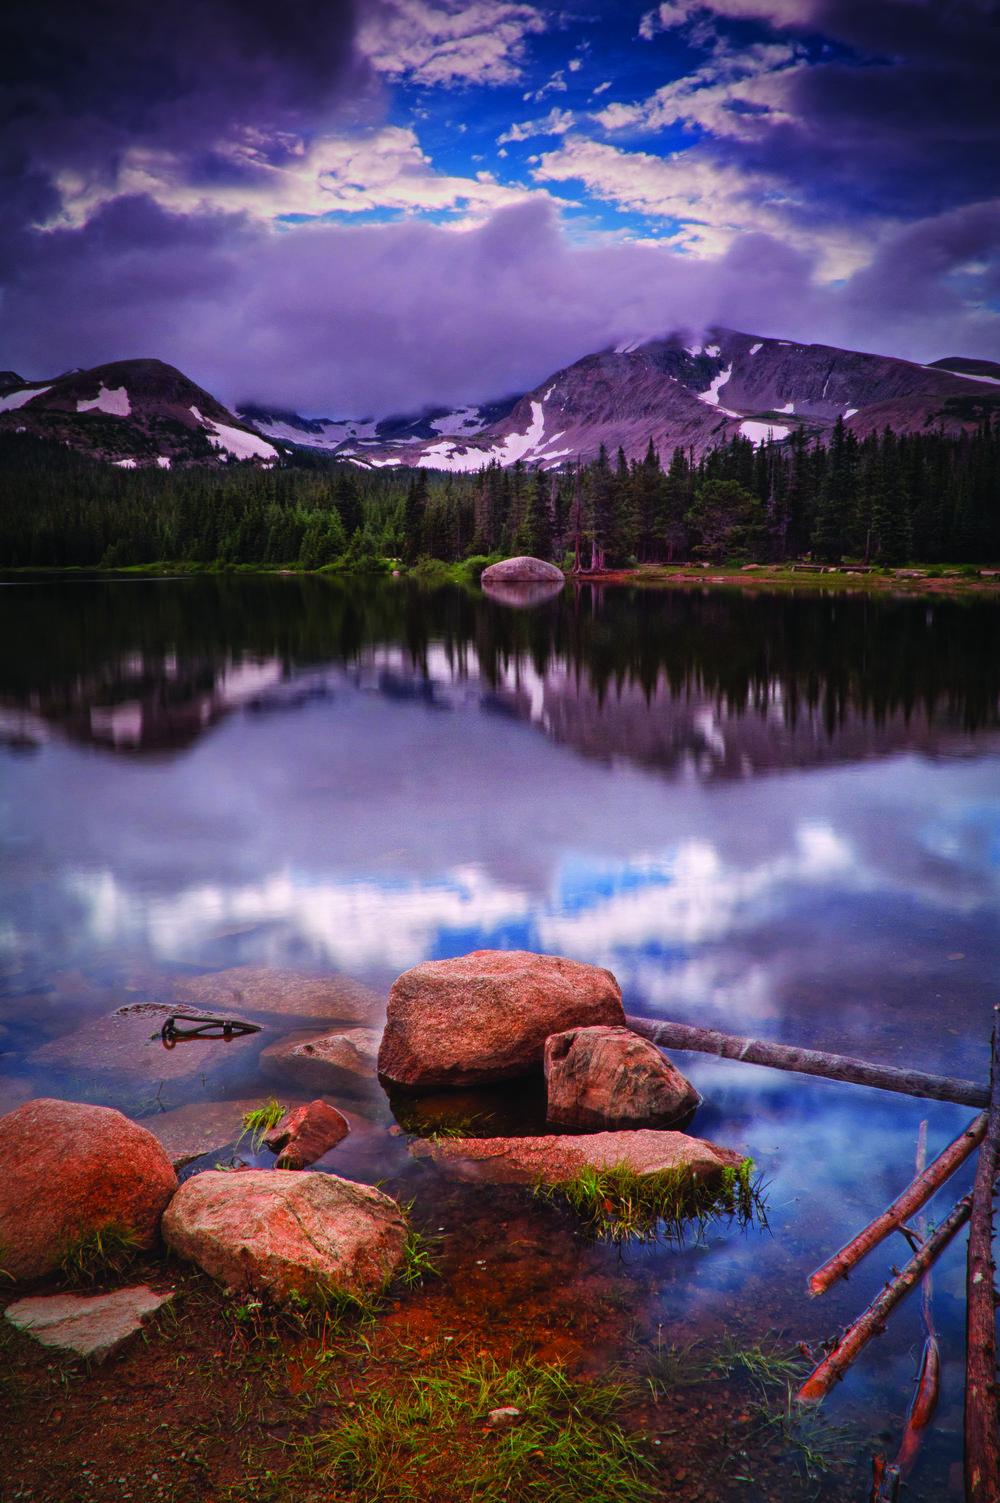 Indian Peaks:©JohnDeBord/AdobeStock.com